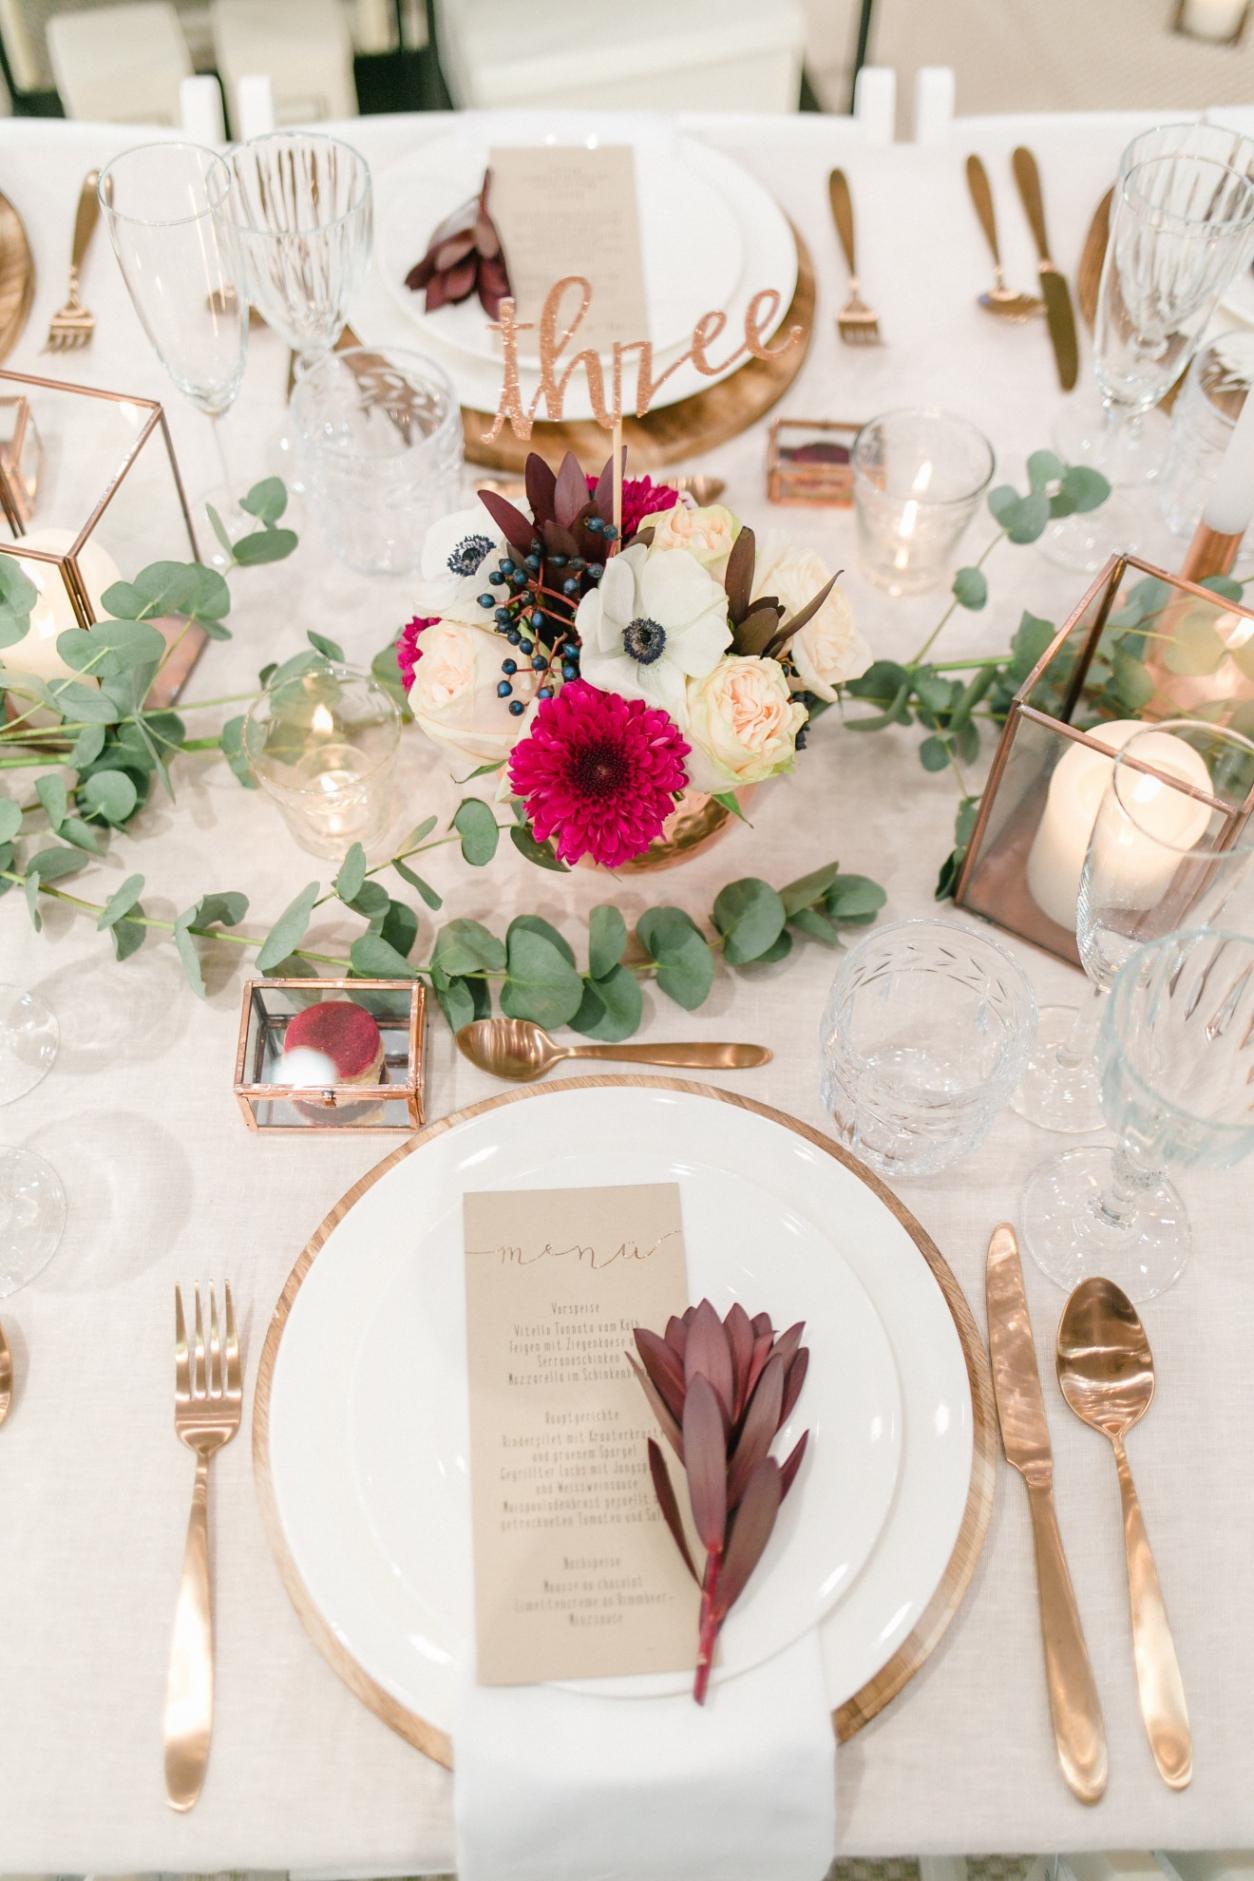 deko ideen zum selbst basteln luxus garten deko ideen zum selber vase selber machen vase selber machen